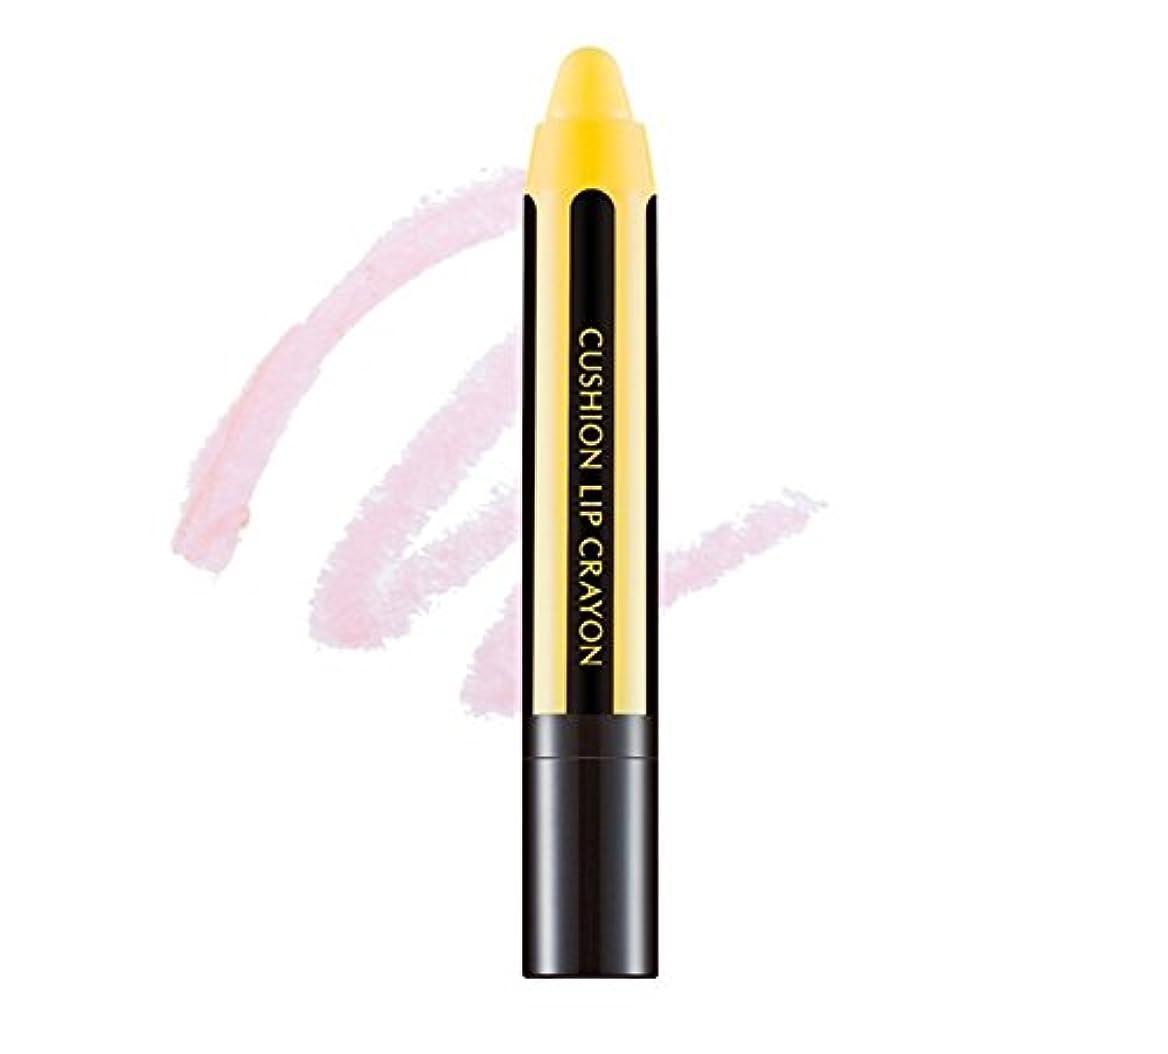 羽会う魅了する[New] MISSHA Cushion Lip Crayon (#YPK01 : Lemon soda)/ミシャ クッション リップ クレヨン (#YPK01 : Lemon soda)